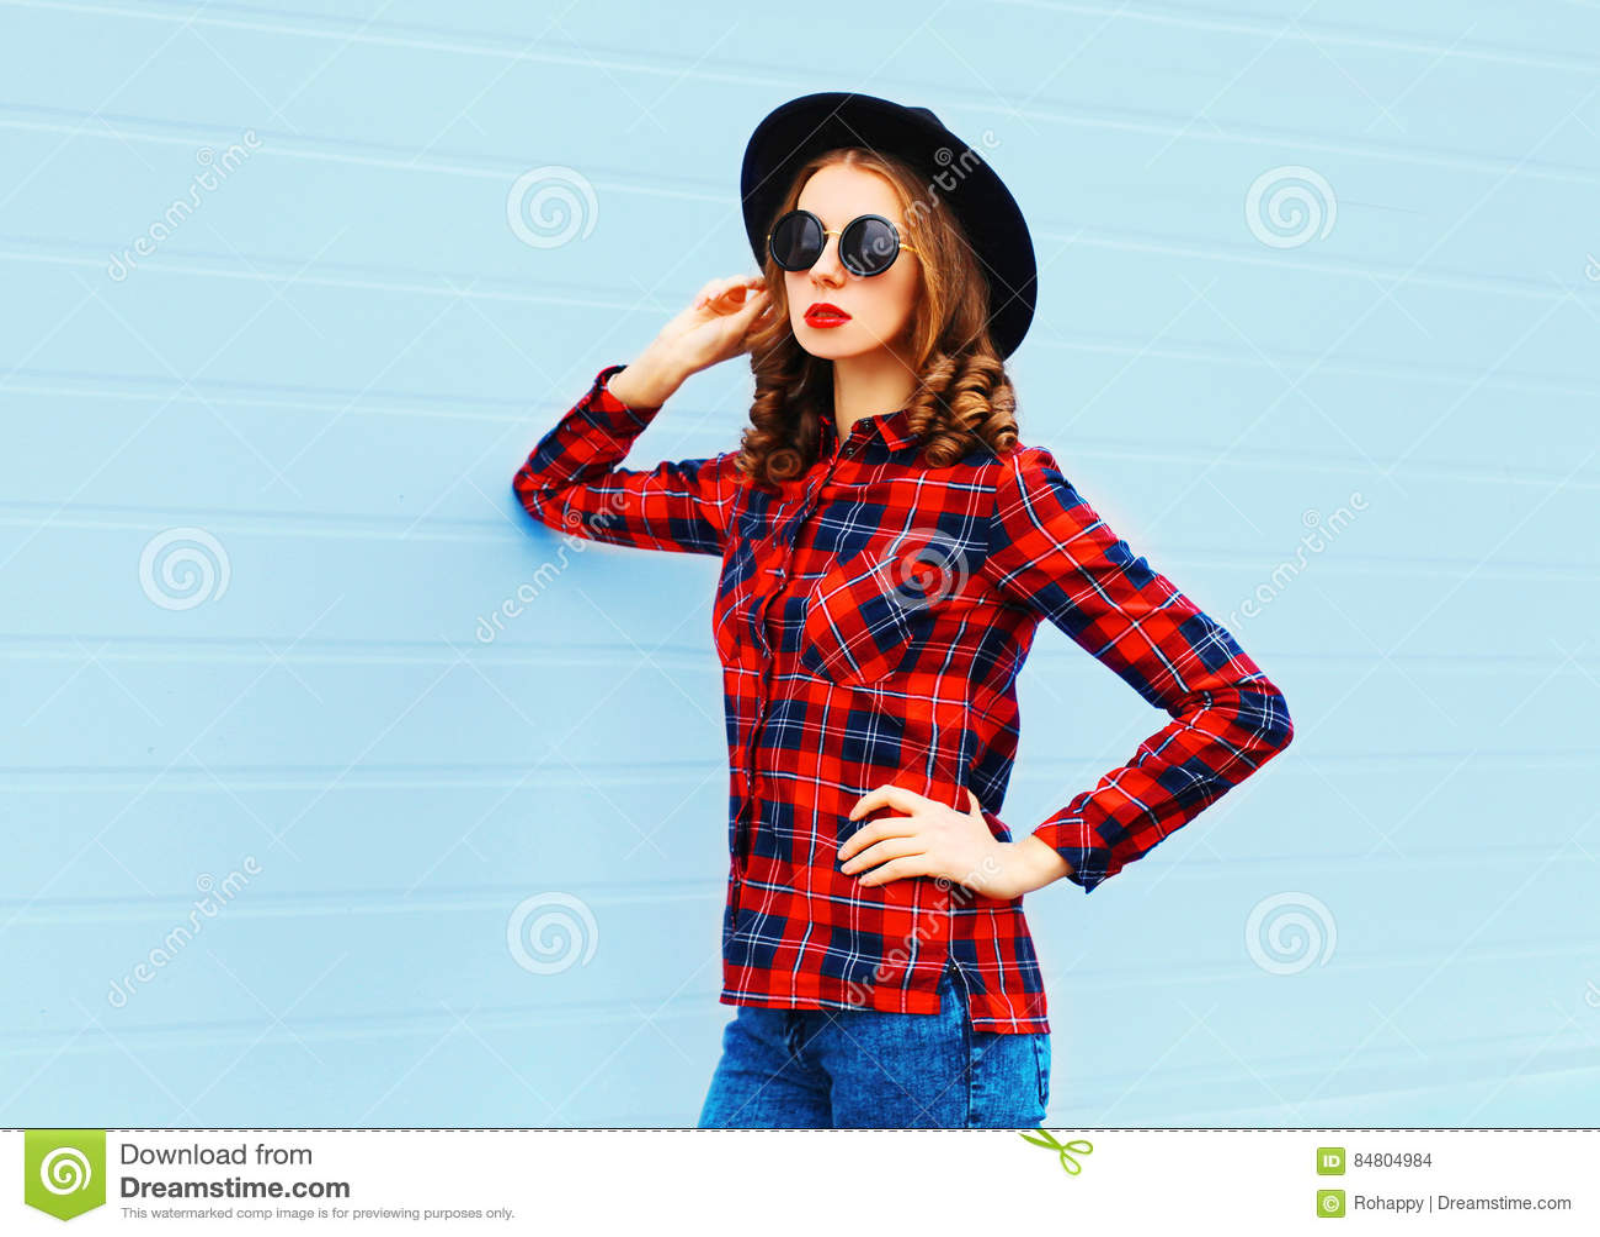 Forme A La Mujer Joven Que Presenta El Sombrero Negro Que Lleva ... 3e897b55938